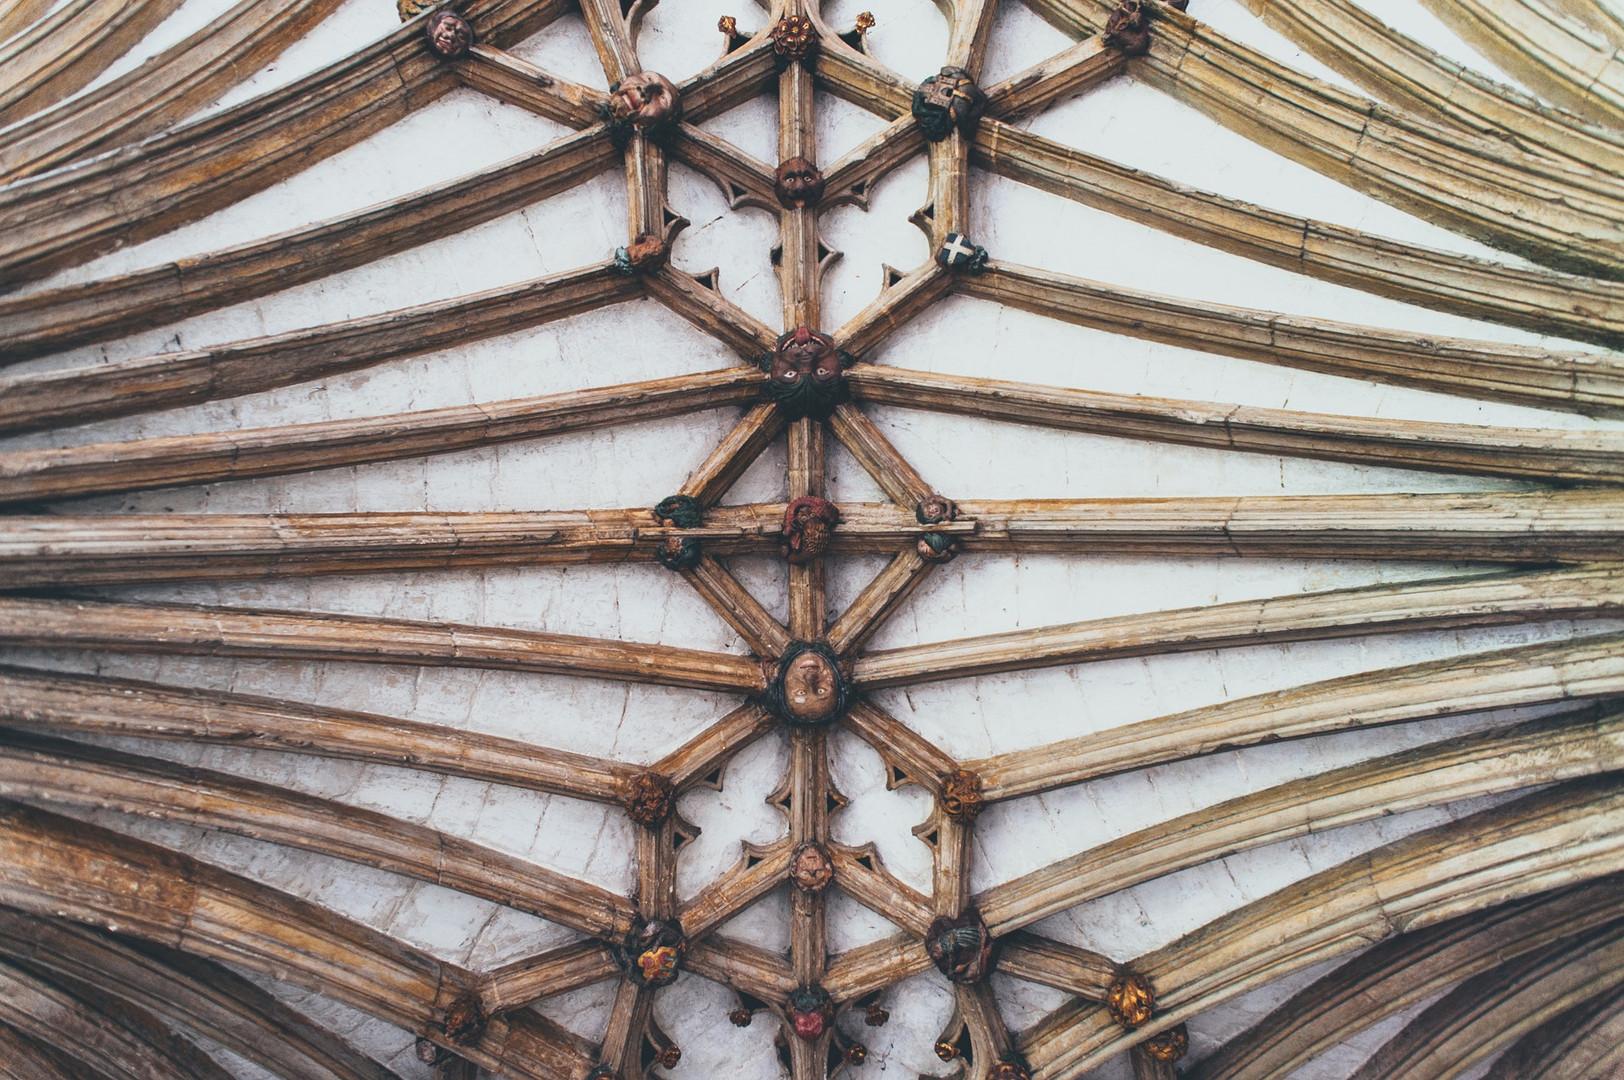 ceiling-1149494_1920.jpg